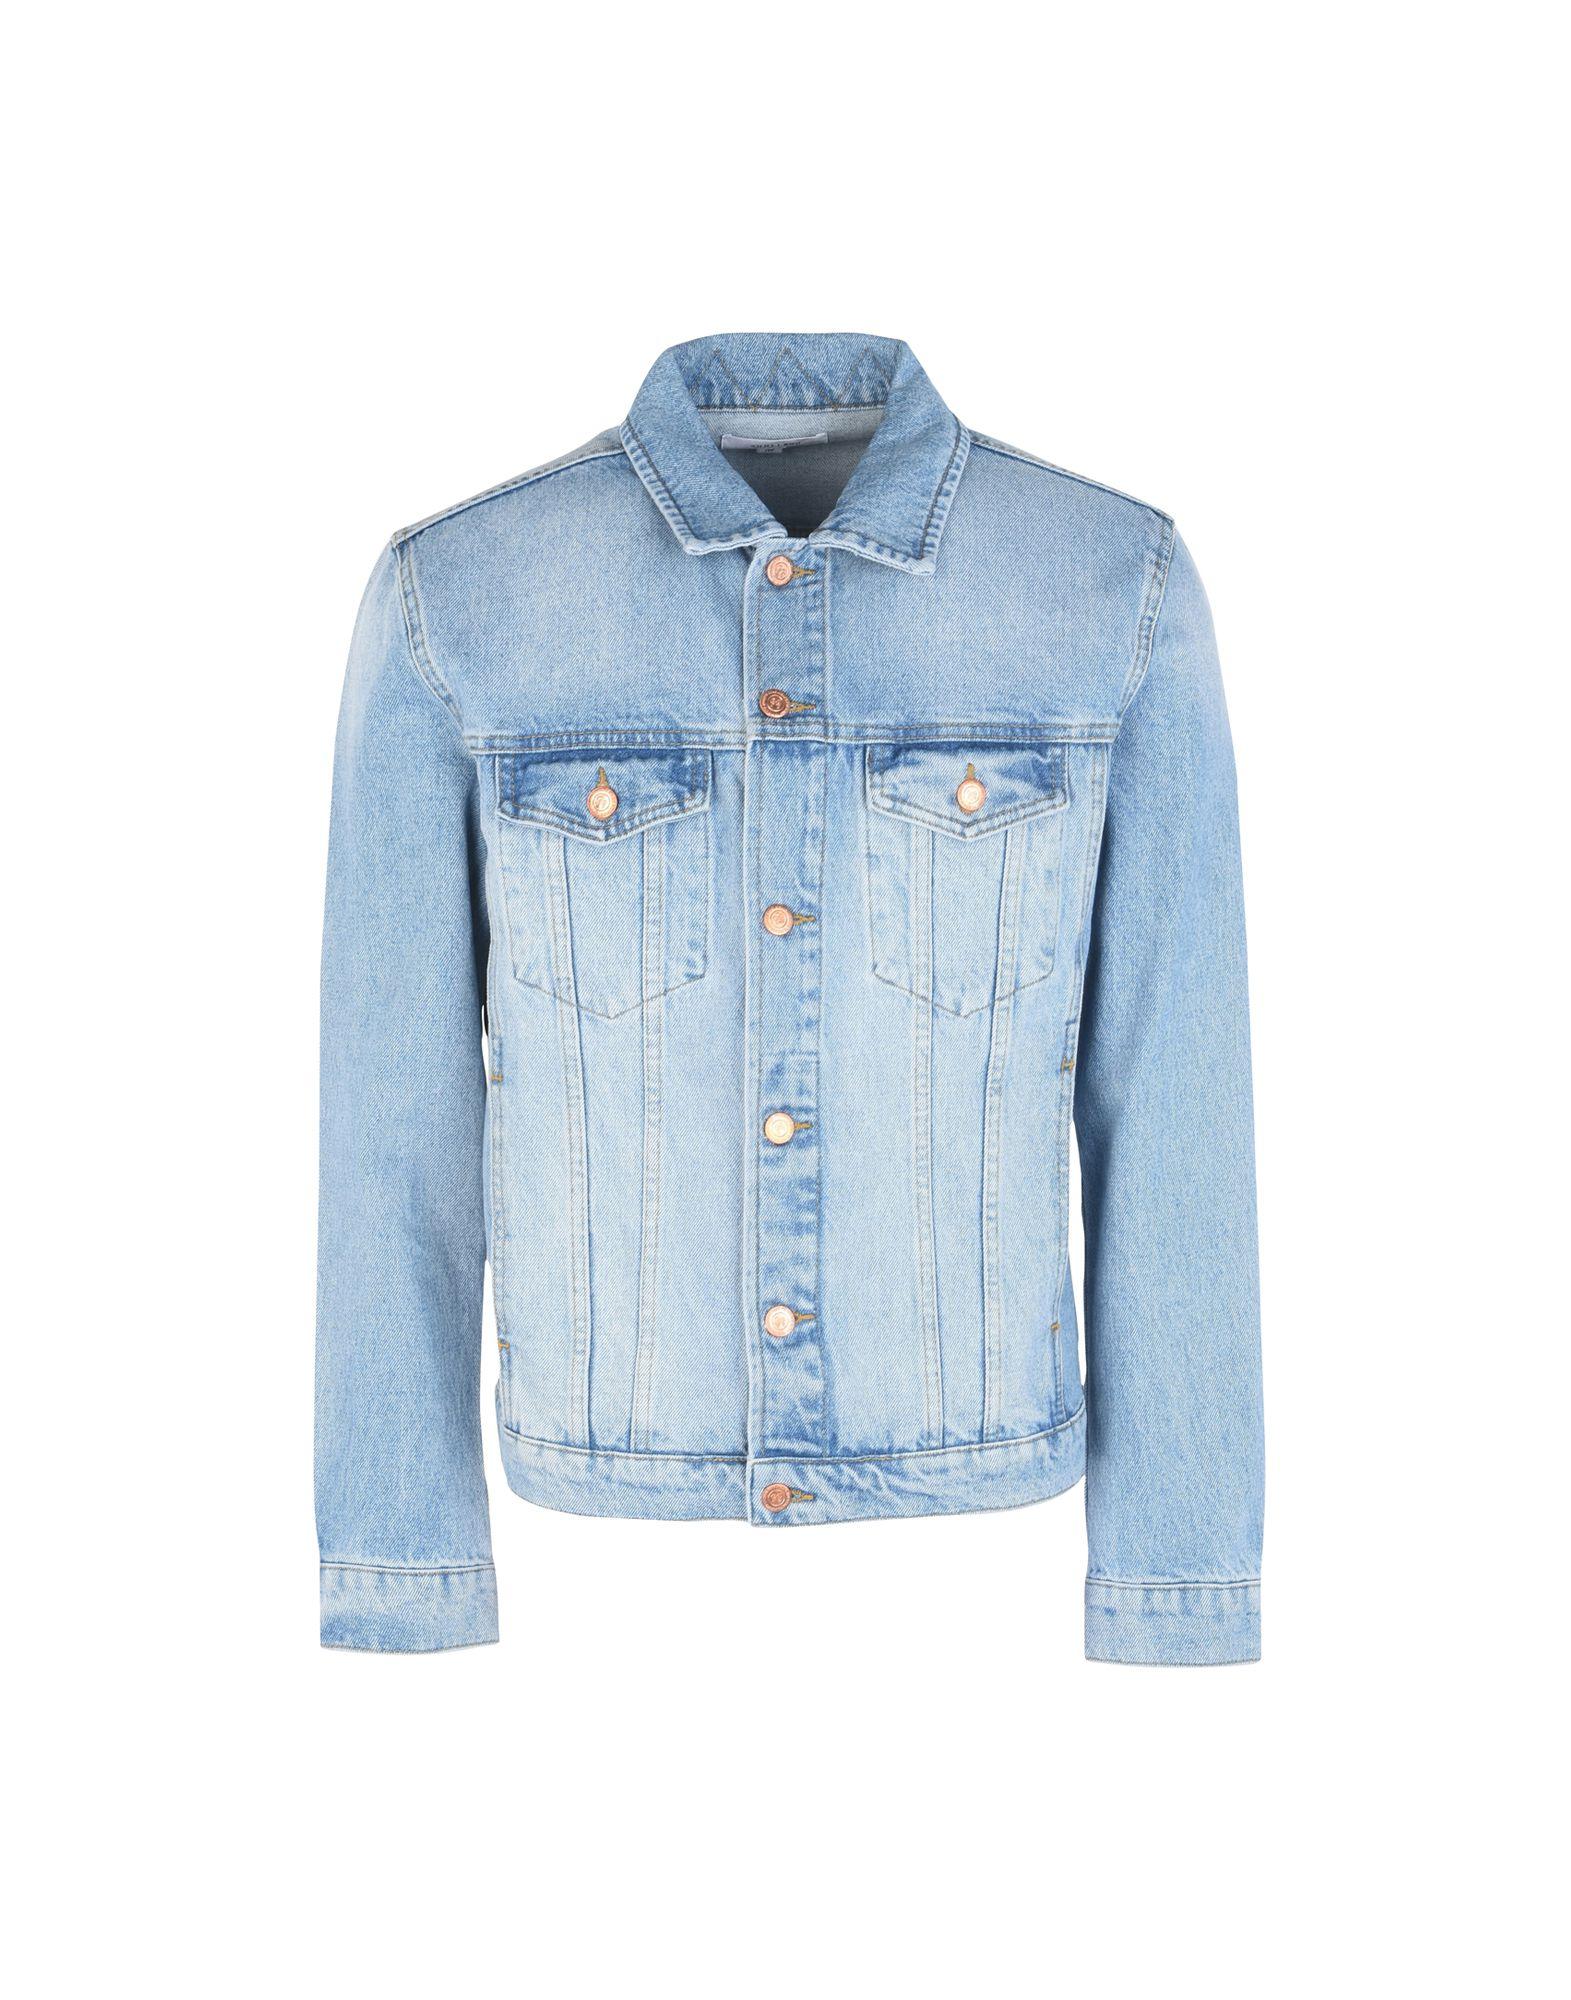 Jeans Nos online Acquista Uomo Shelton Giubbotto su Soulland vqxpwPPn4